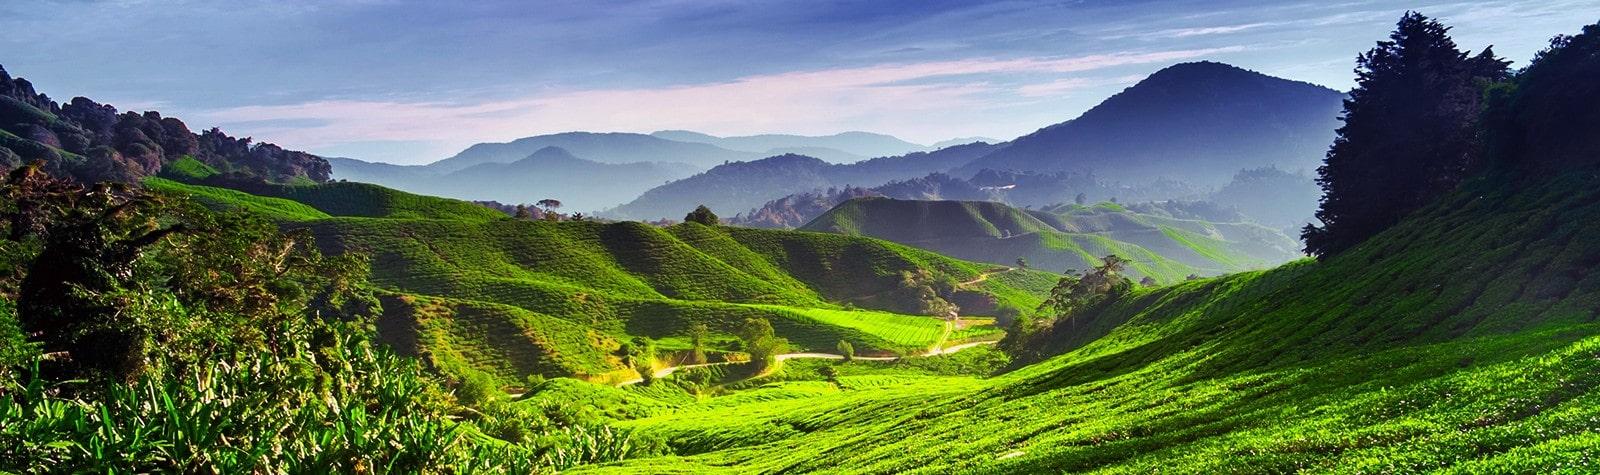 Чайная плантация улун